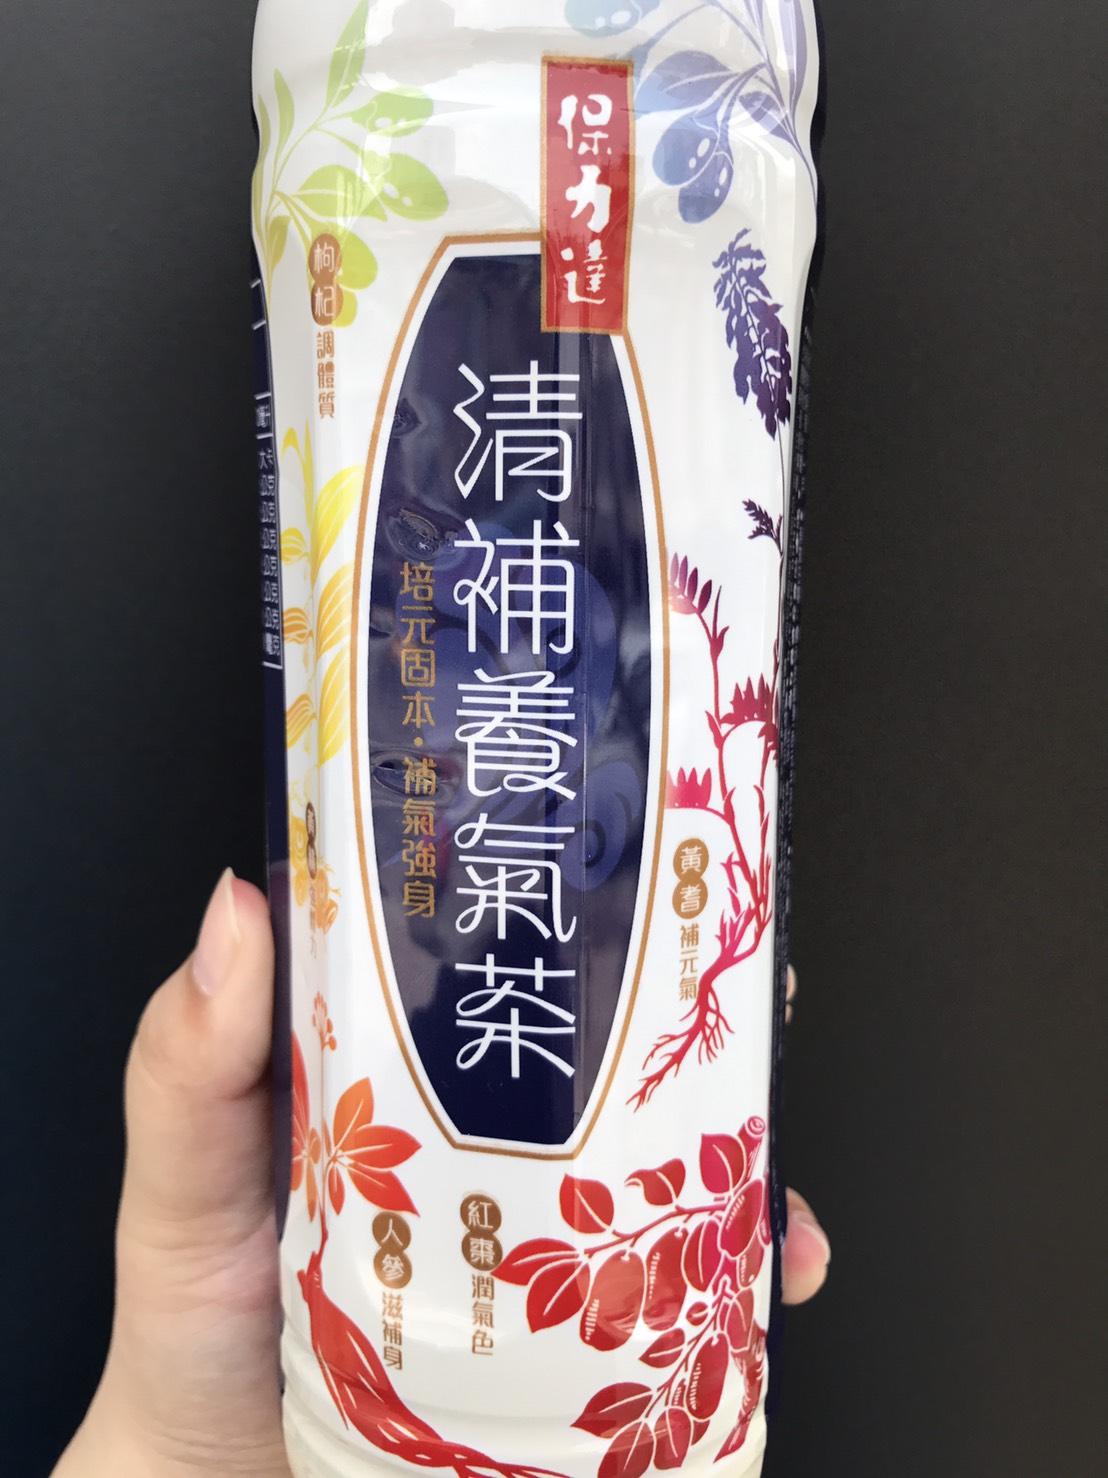 保力達-清補養氣茶-適合女孩喝的無糖茶飲分享-生津解渴、補氣、溫補大兼顧,日常養生從此開始! 中式料理 健康養身 攝影 民生資訊分享 飲食集錦